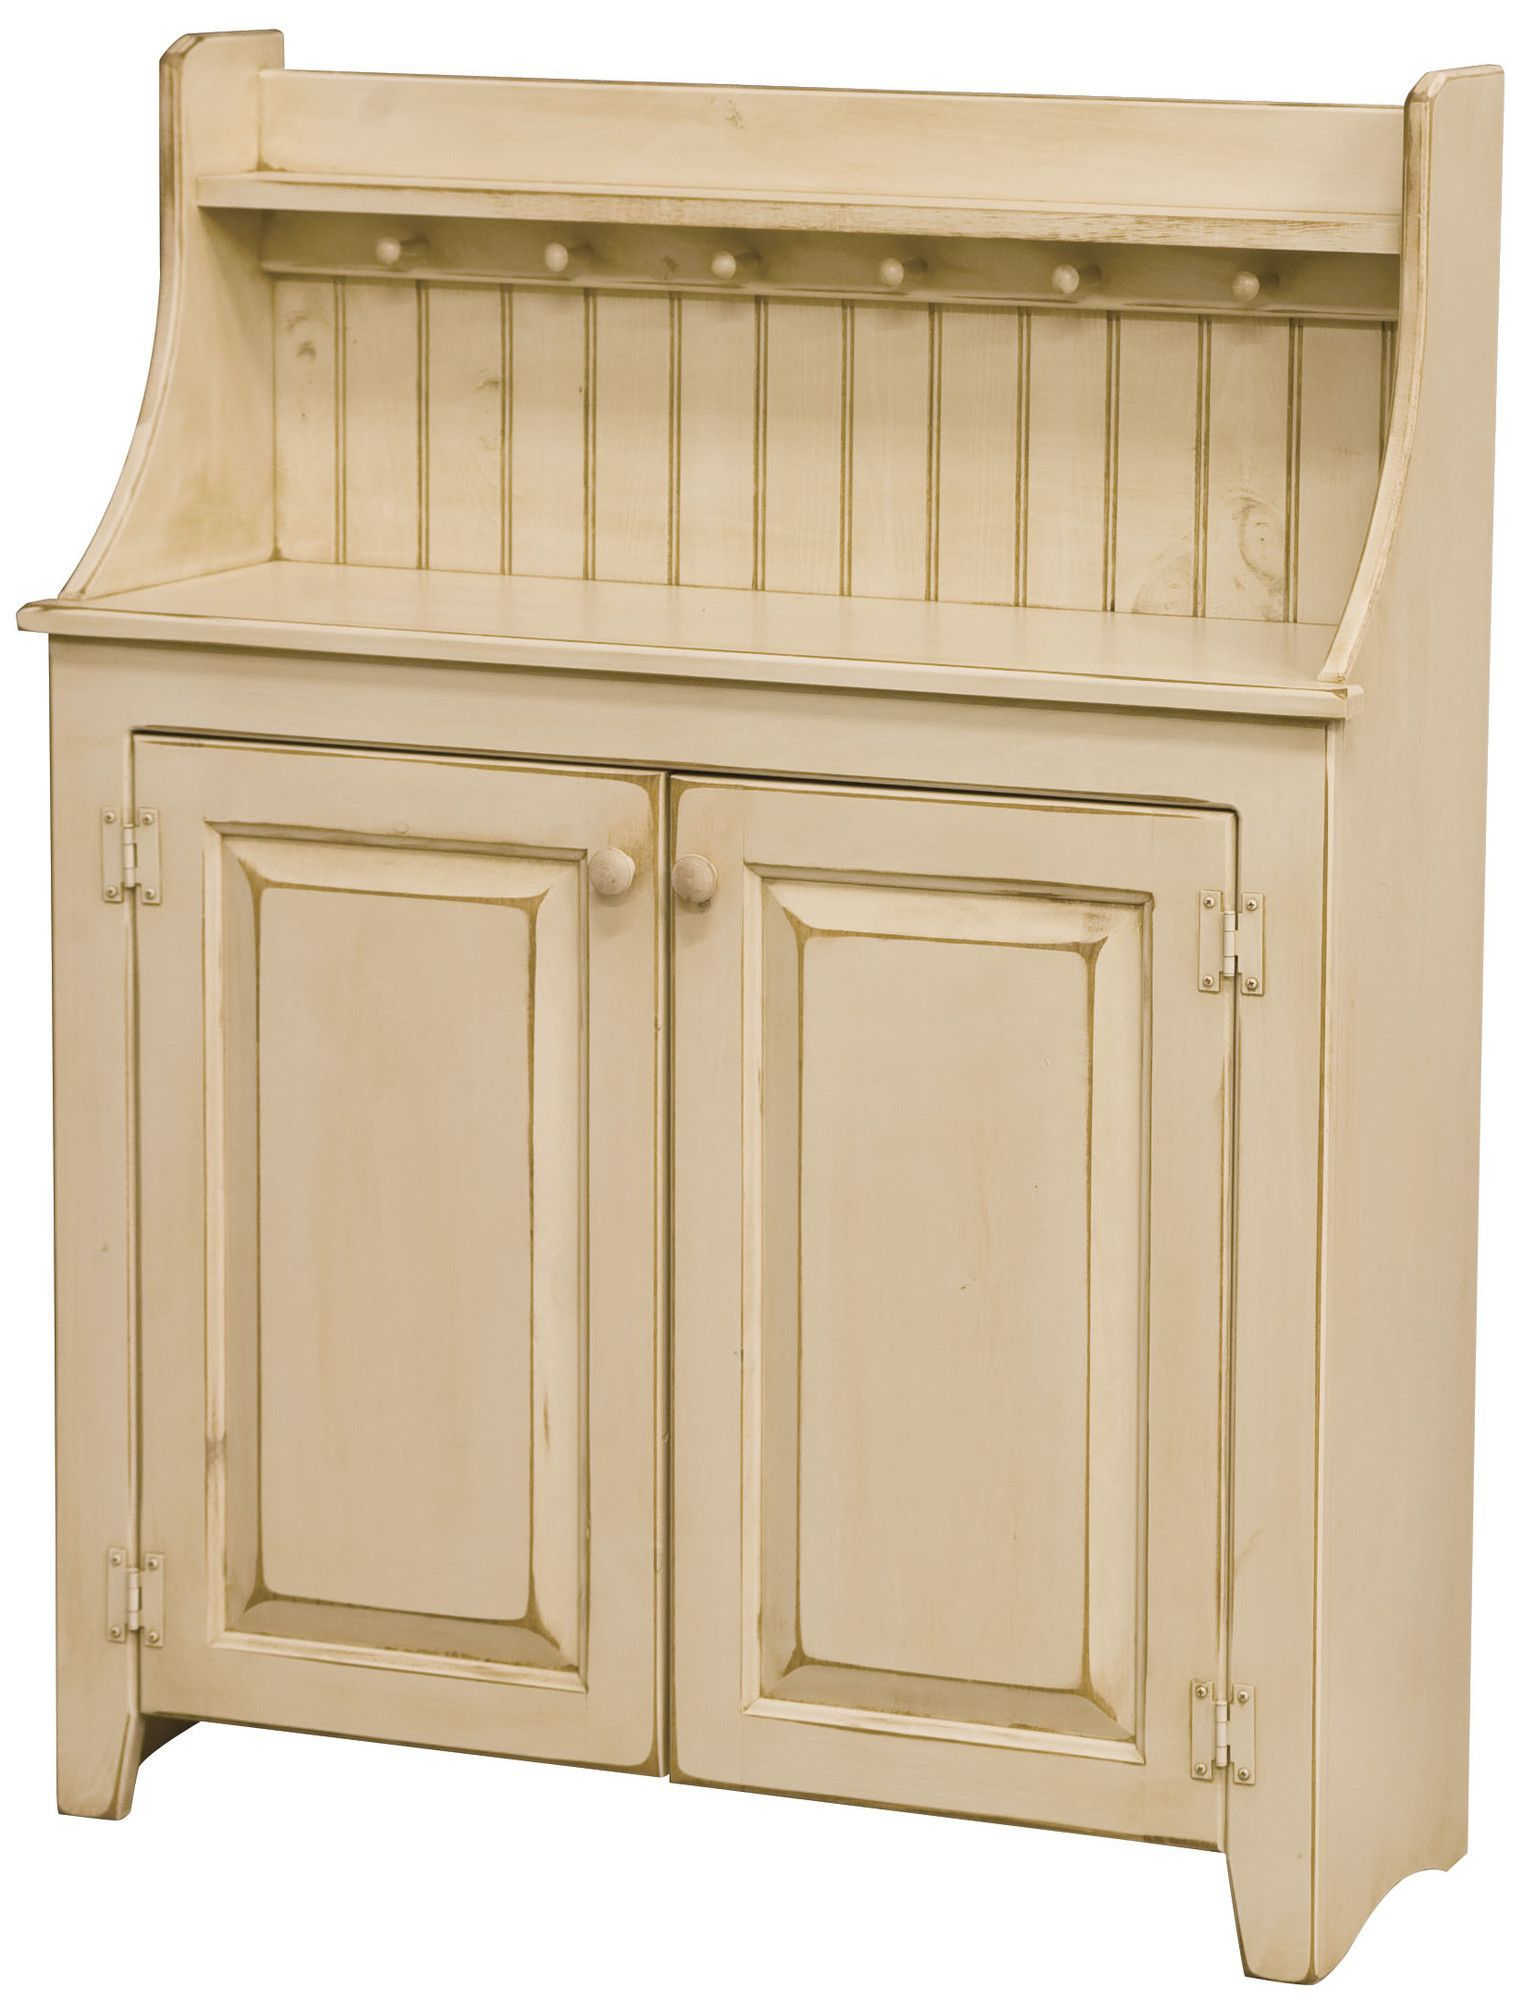 dcor design pepper's  door dry sink cabinet. dcor design pepper's  door dry sink cabinet  what a concept